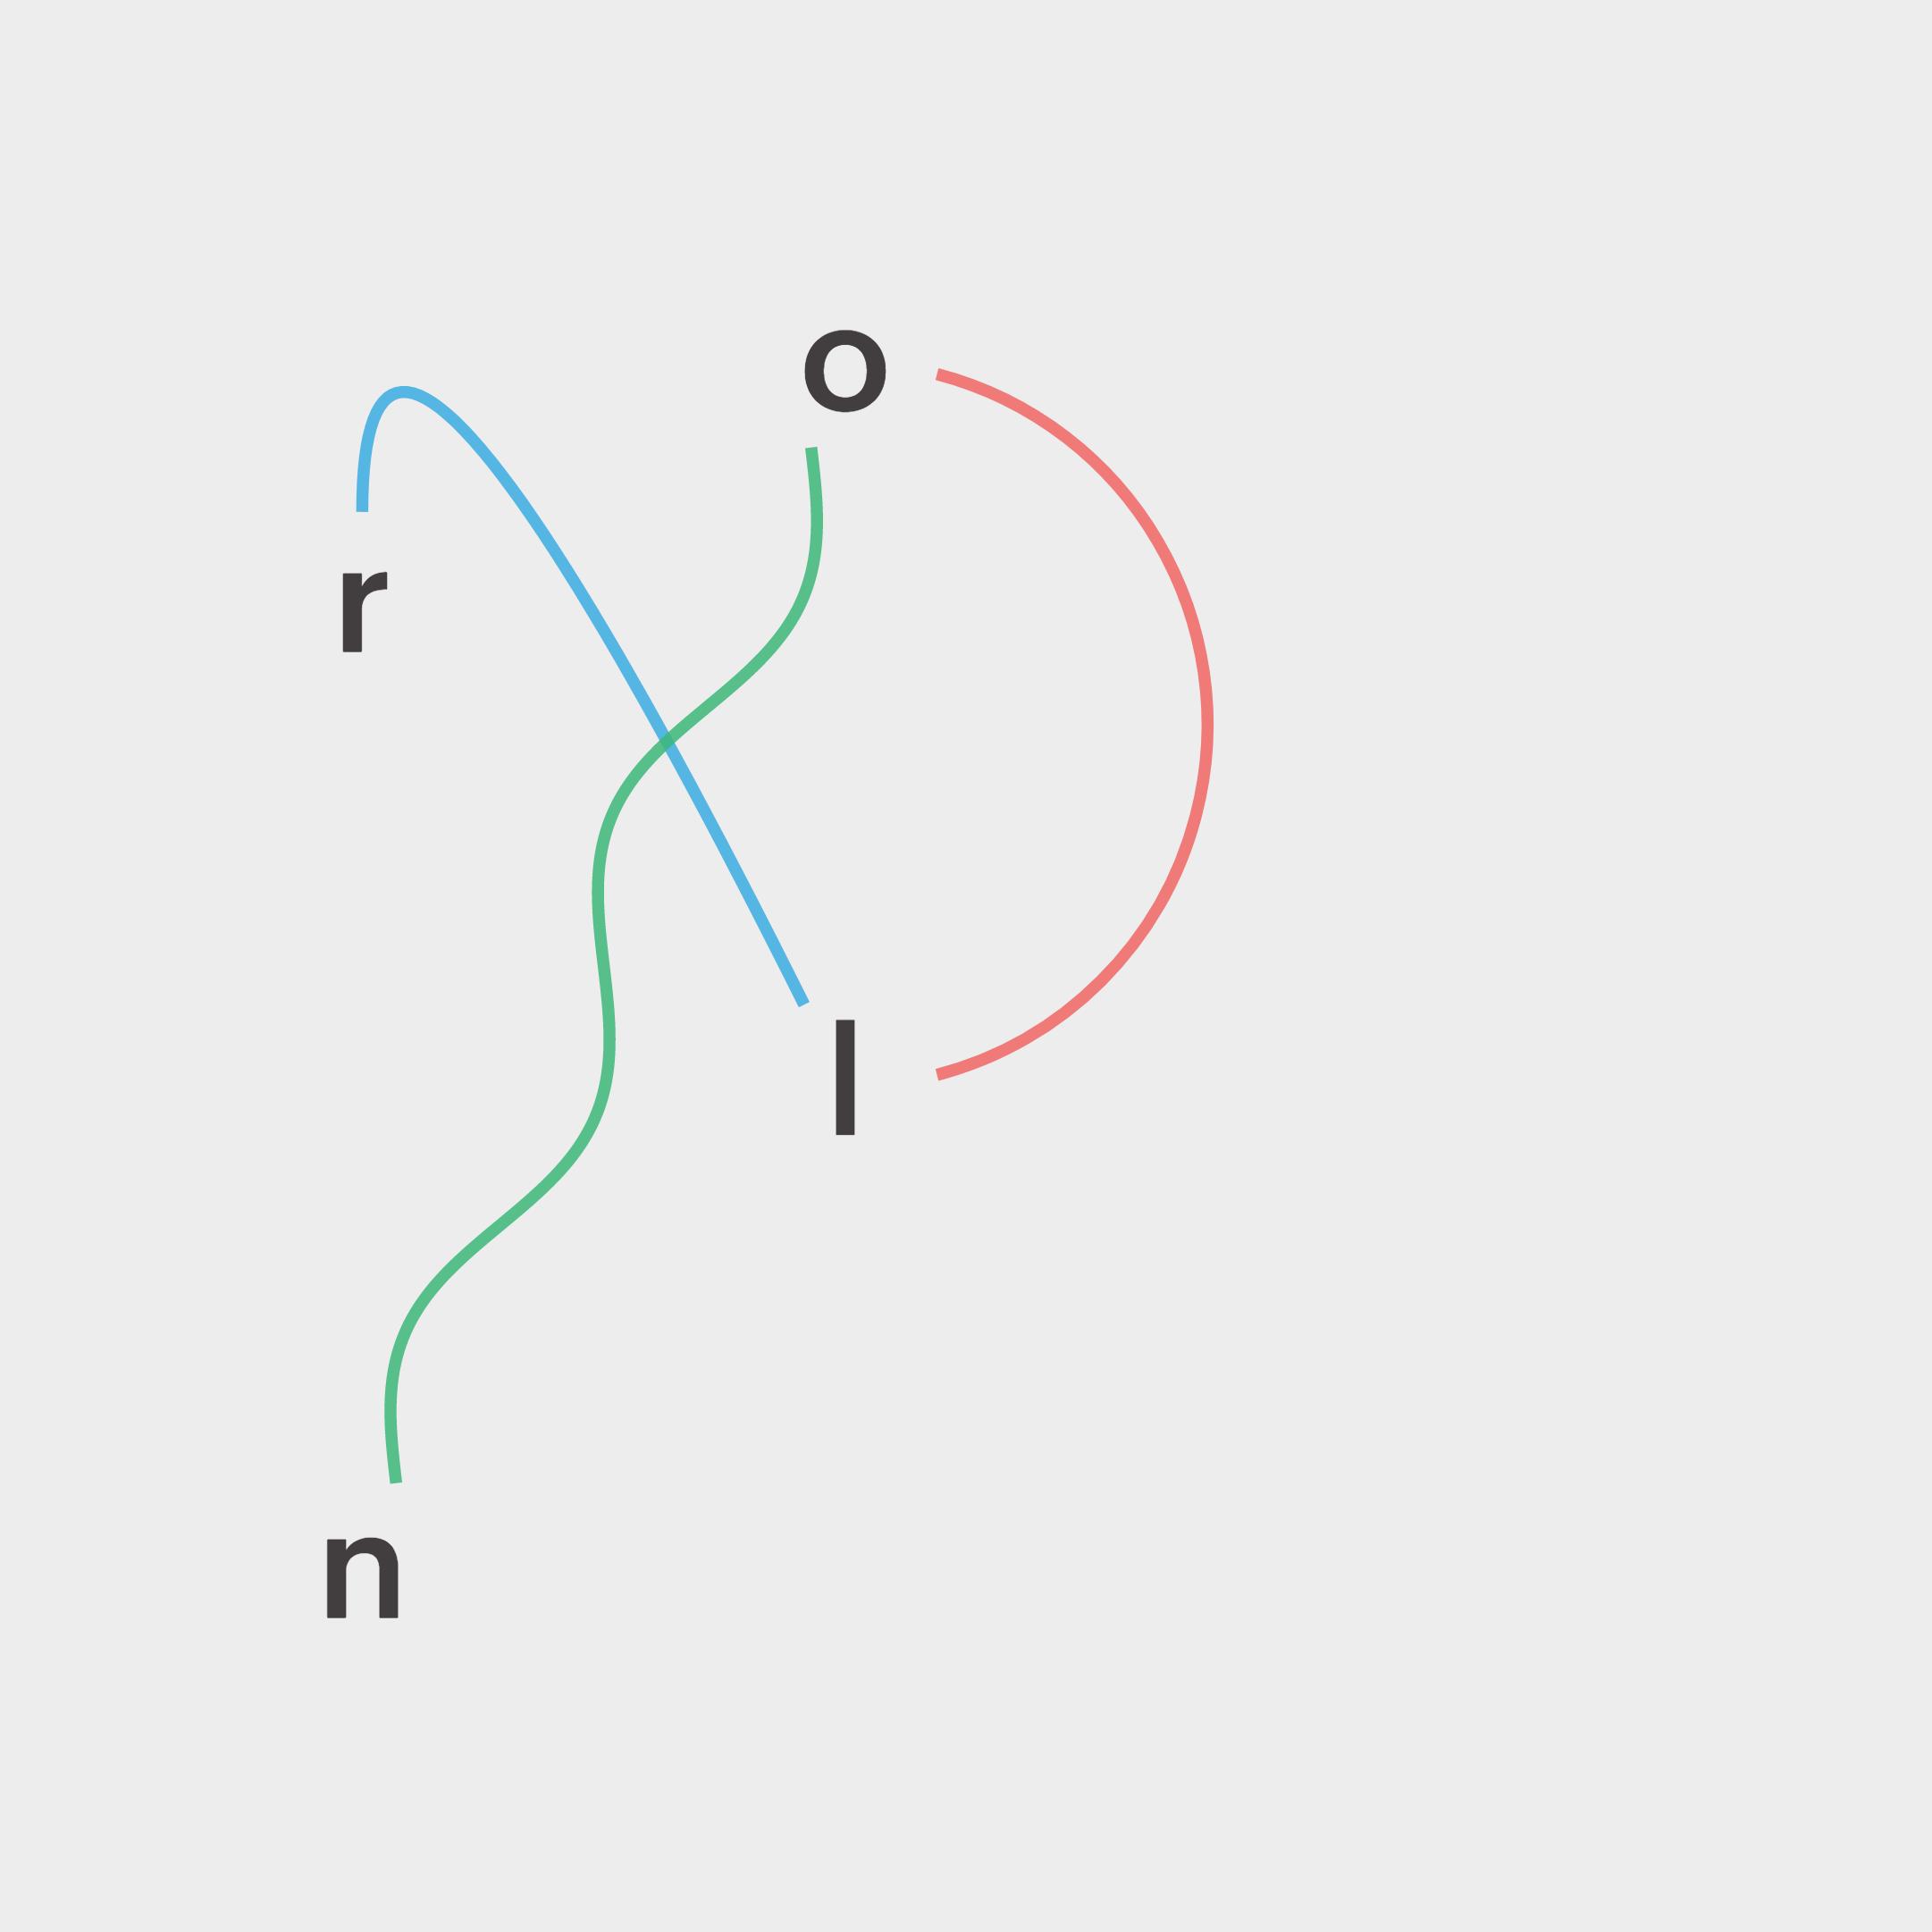 rlon_logo_123542.png